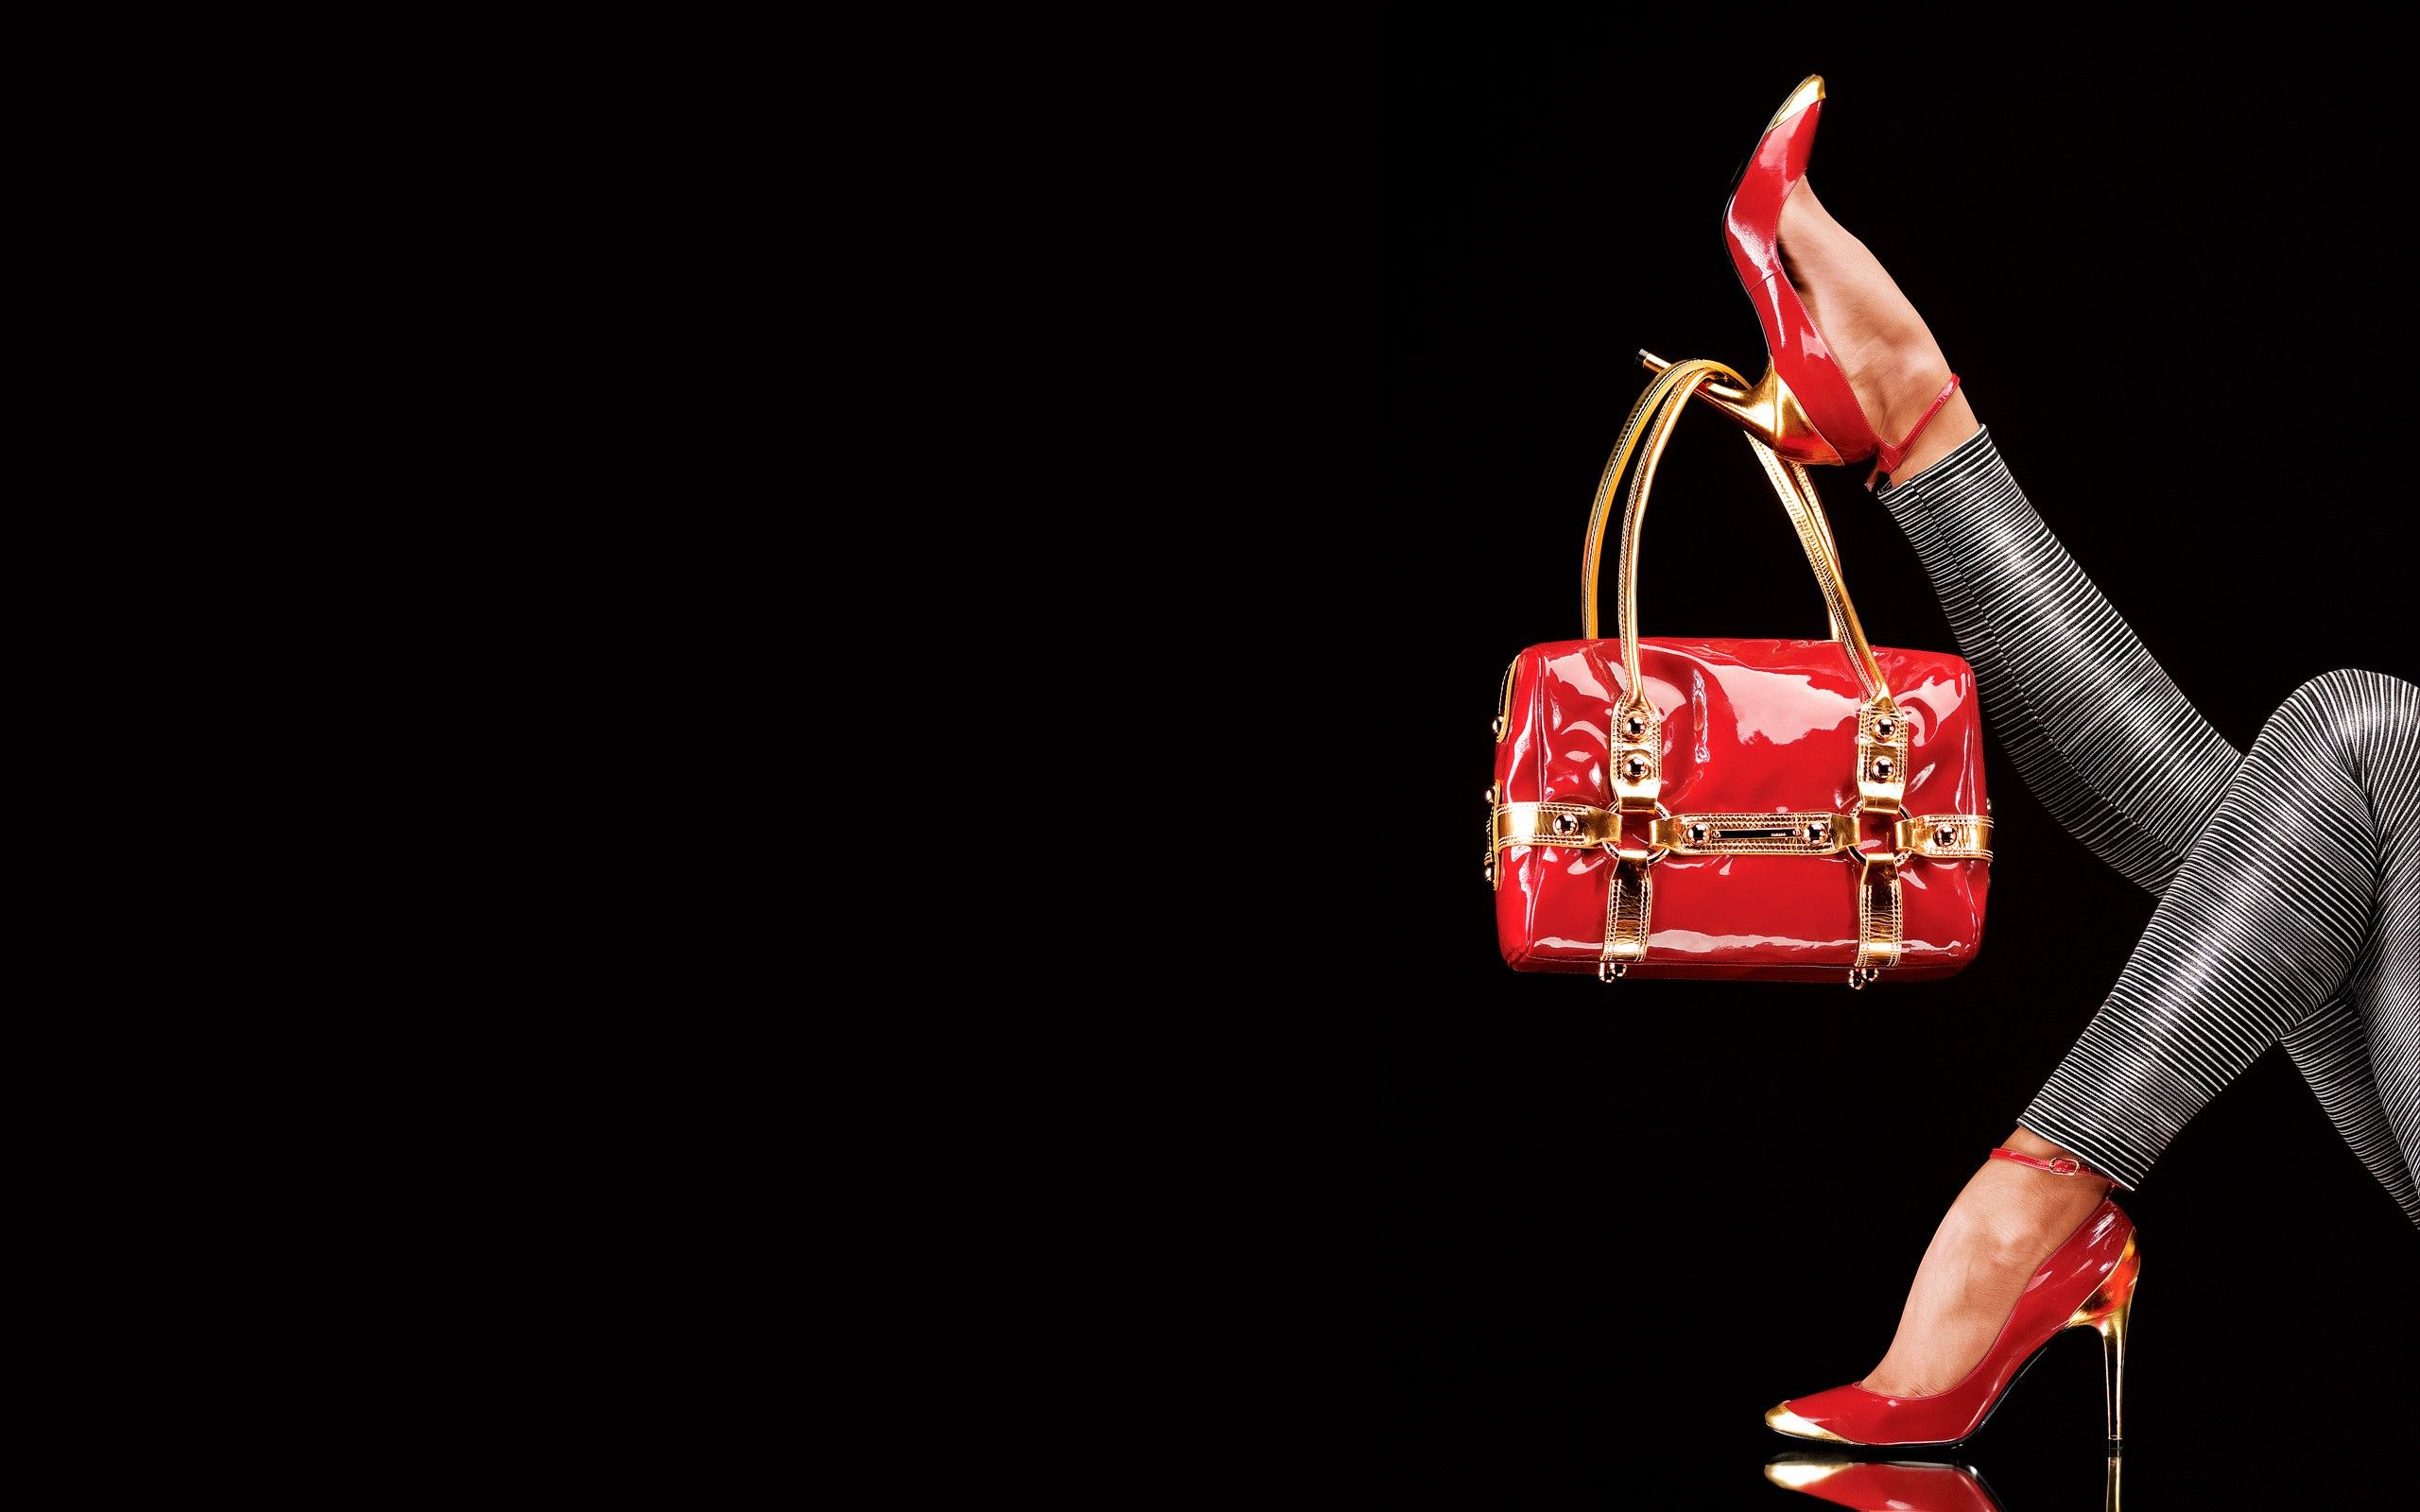 3e8f2151d Handbag Model The top 10 handbags every | Handbag Model Shoot in ...